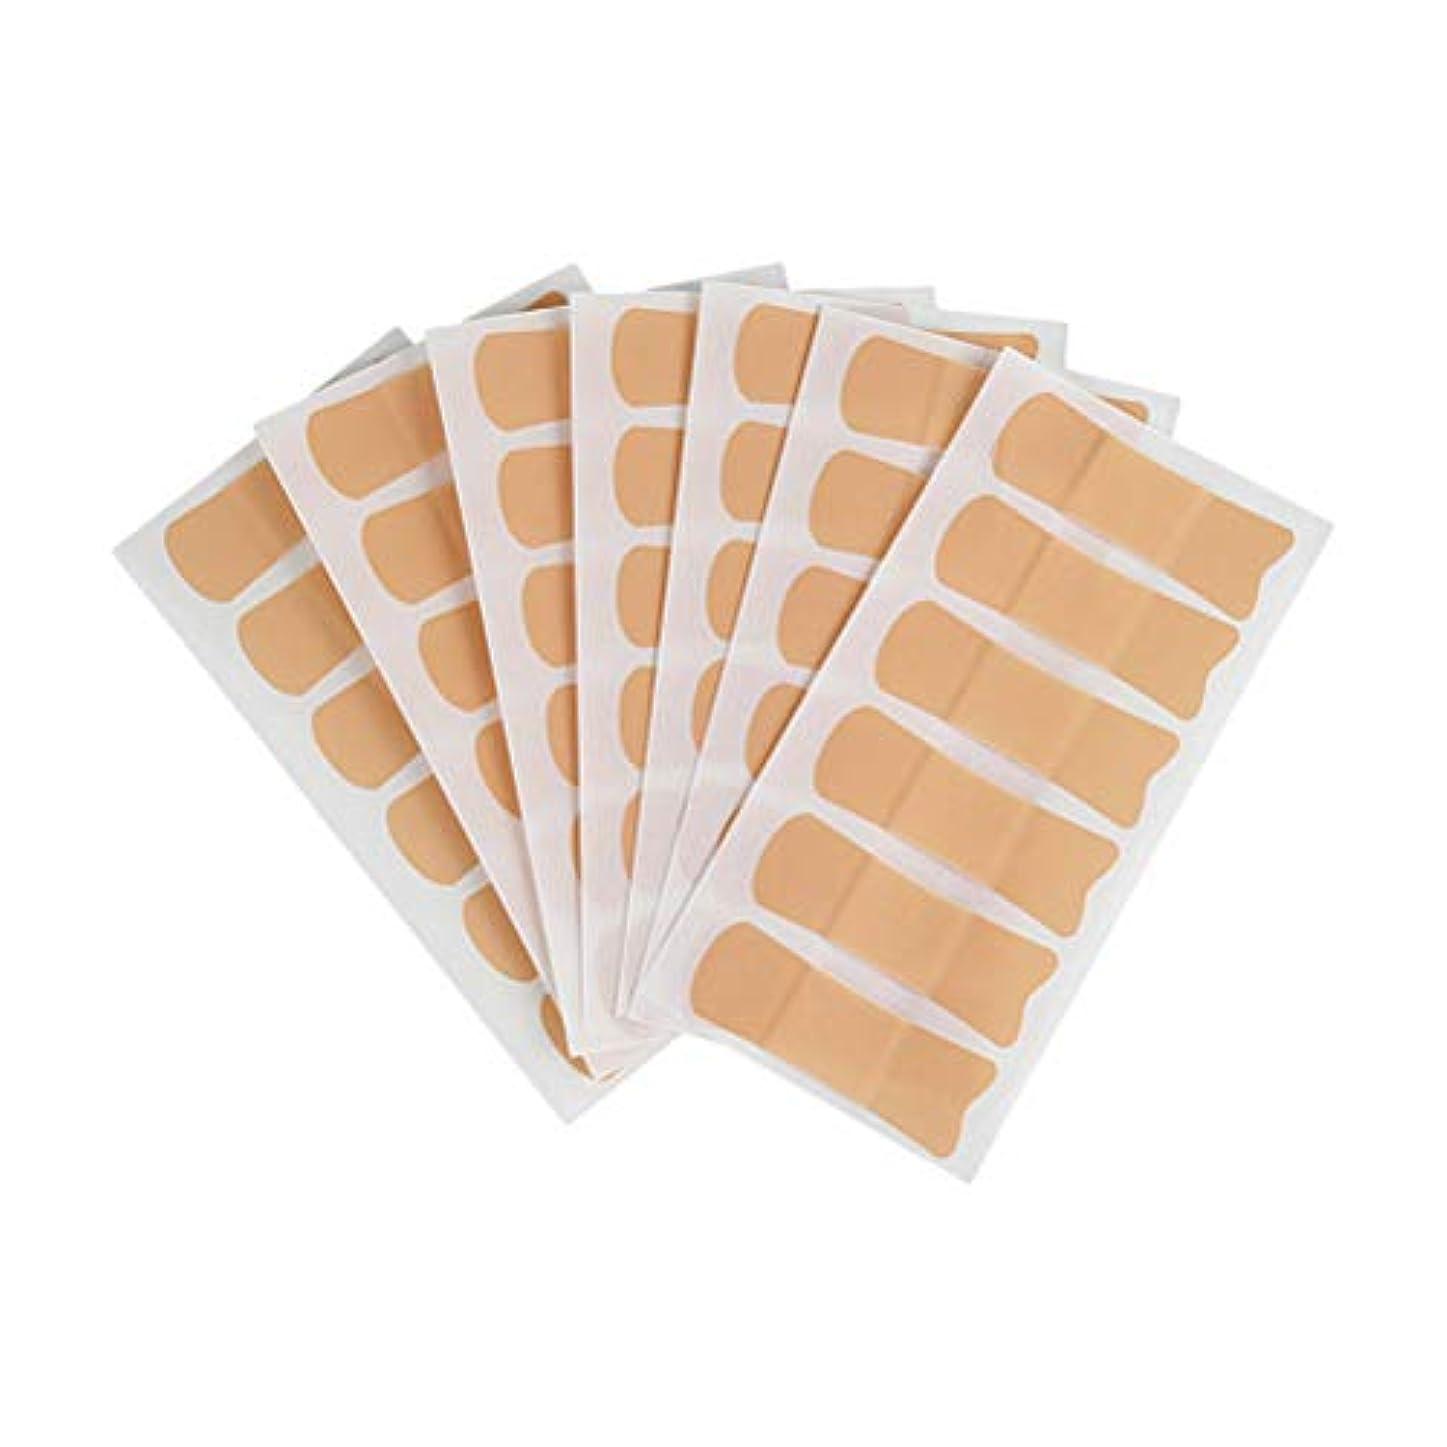 削除する中絶乳Healifty 睡眠鼻呼吸のための36個の抗いびきステッカー睡眠ストリップ口テープ